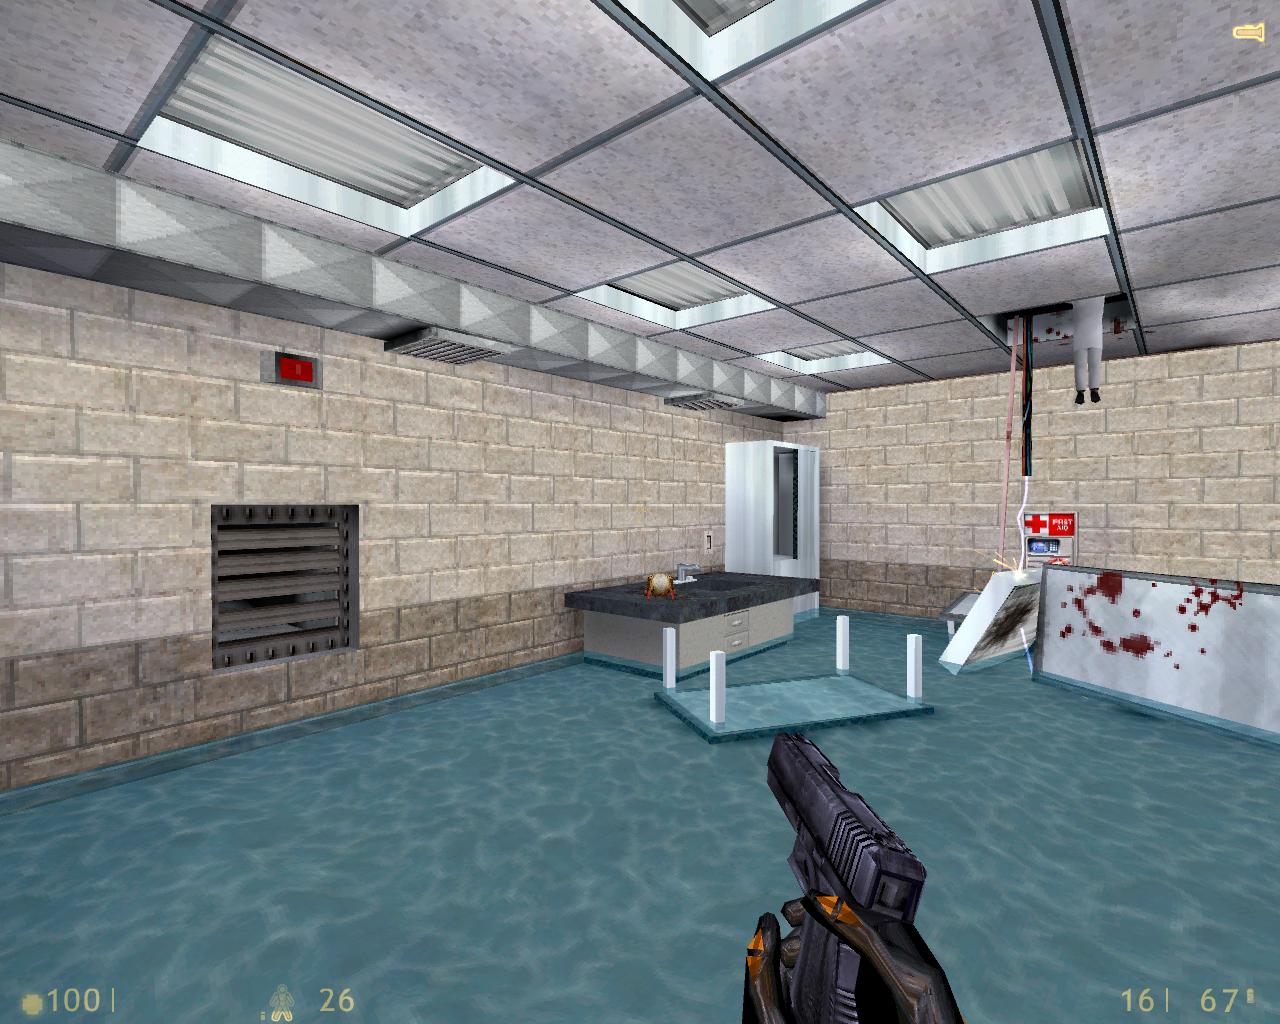 c1a20007.png - Half-Life